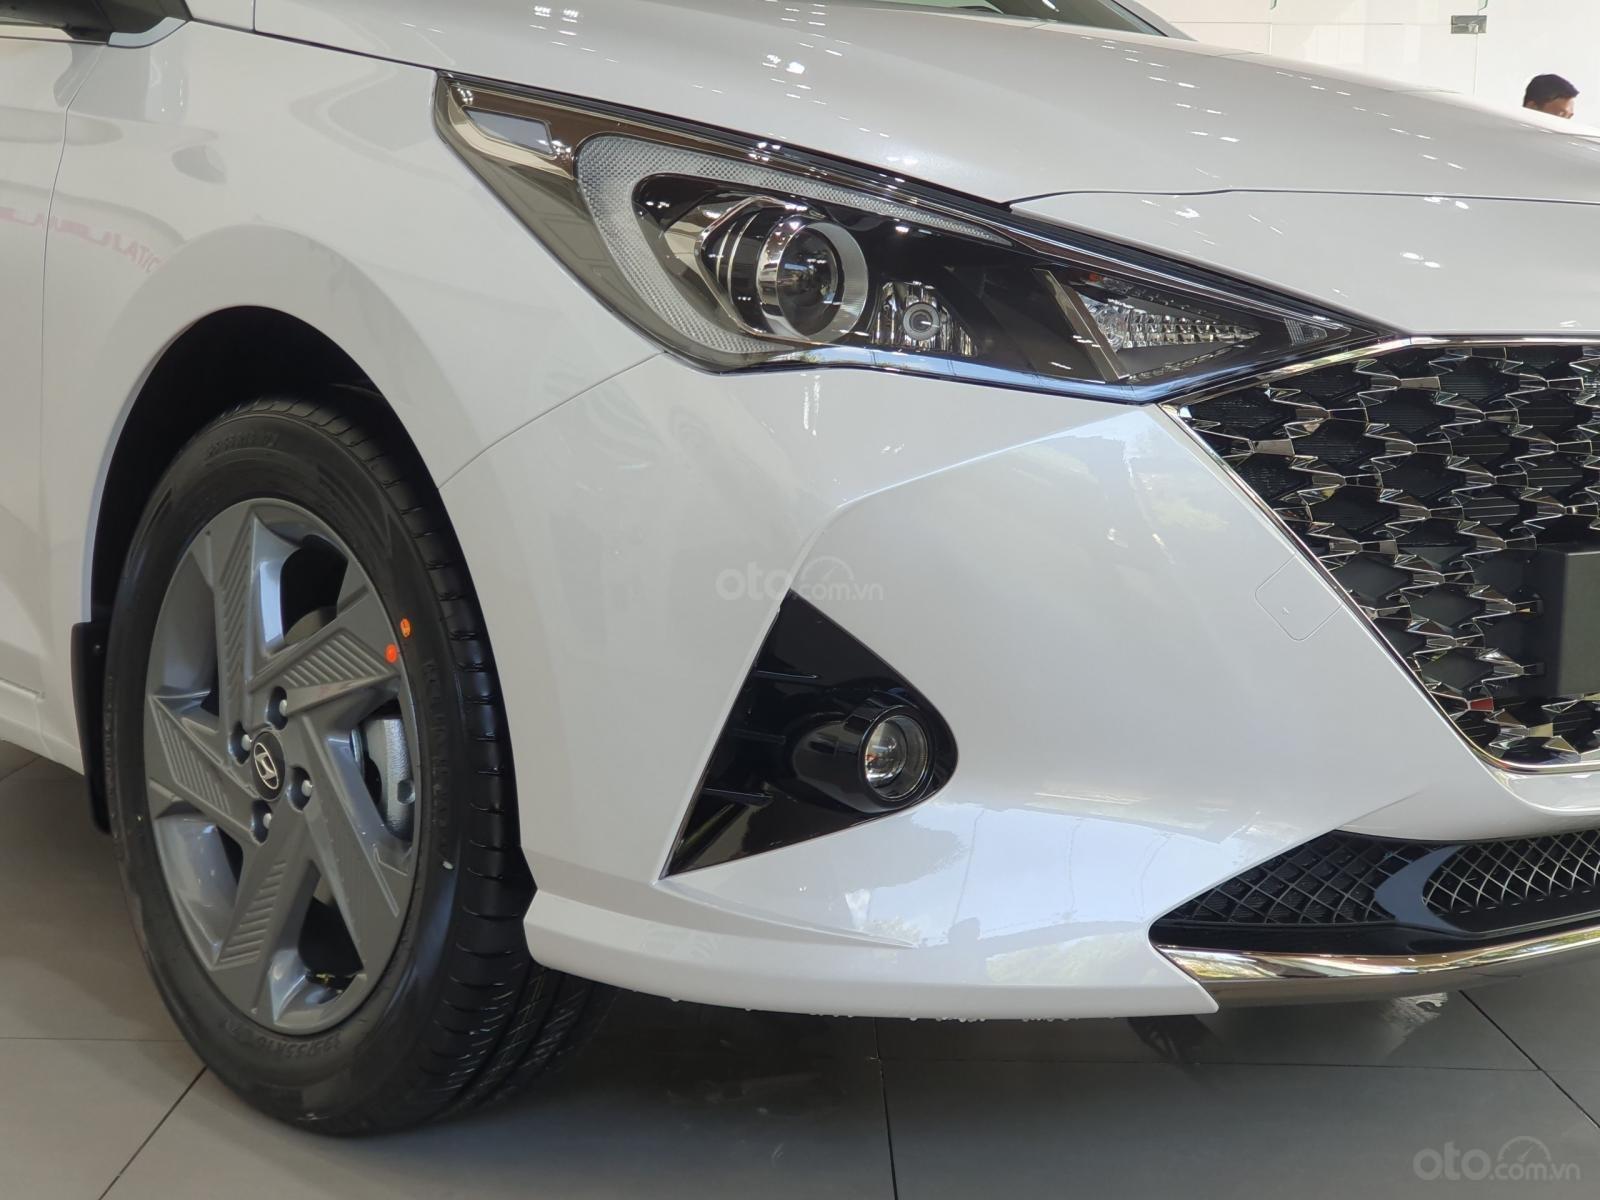 [Hyundai Miền Nam] Hyundai Accent năm 2021 - tặng gói phụ kiện chính hãng - xe đủ màu giao ngay - giá tốt nhất miền Nam (5)